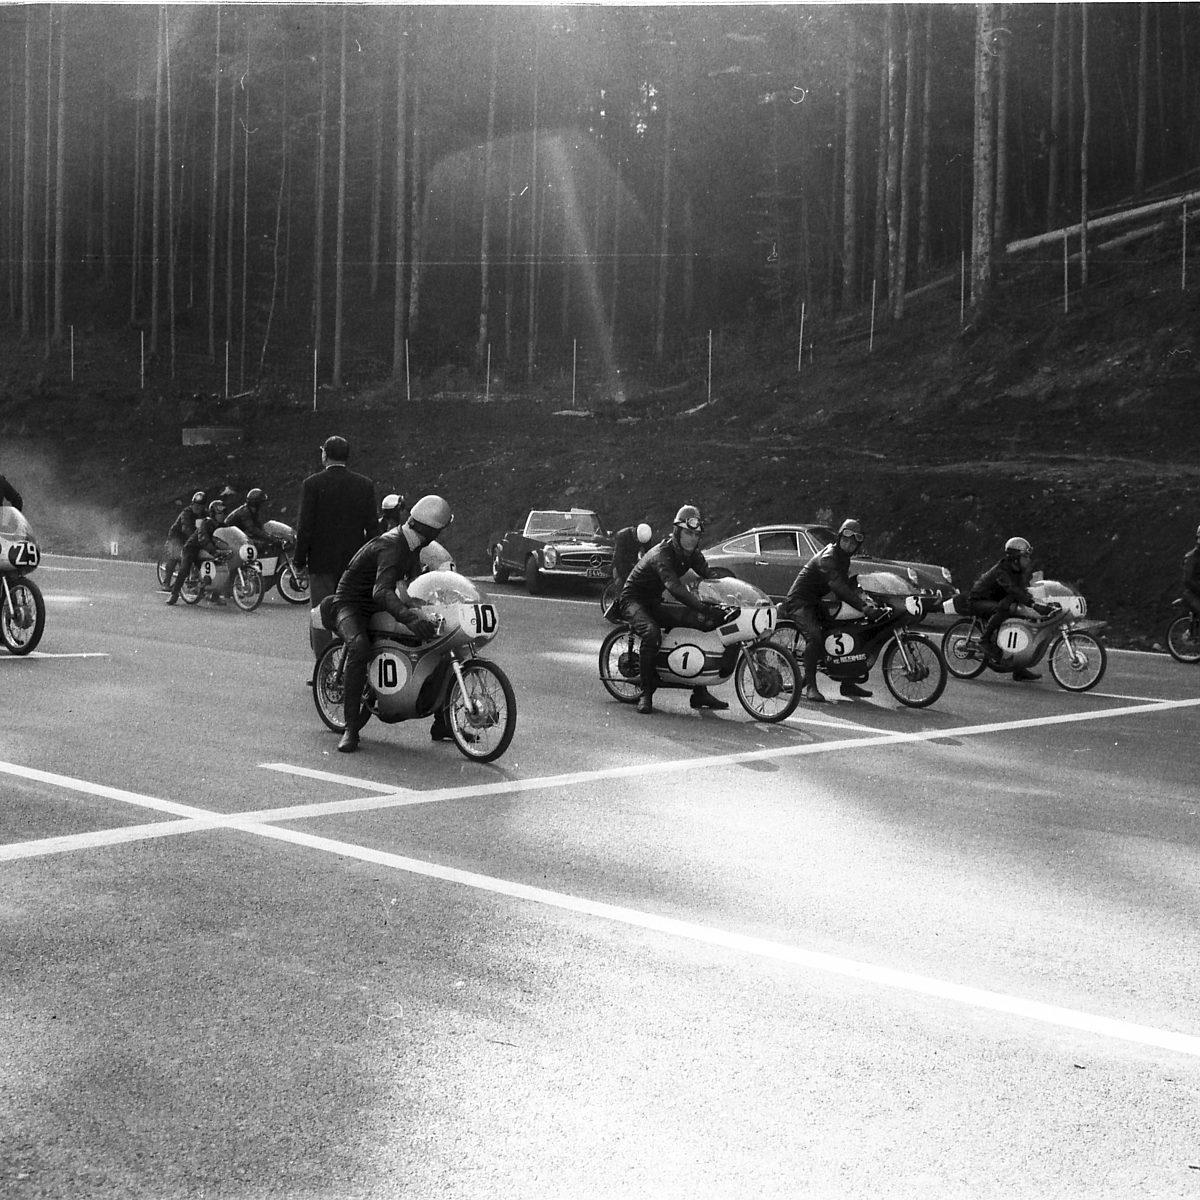 1969.09.21-ero êffnung-salzburgring-kleiner-kurs-startaufstellung-der-50ccm-klasse-hq